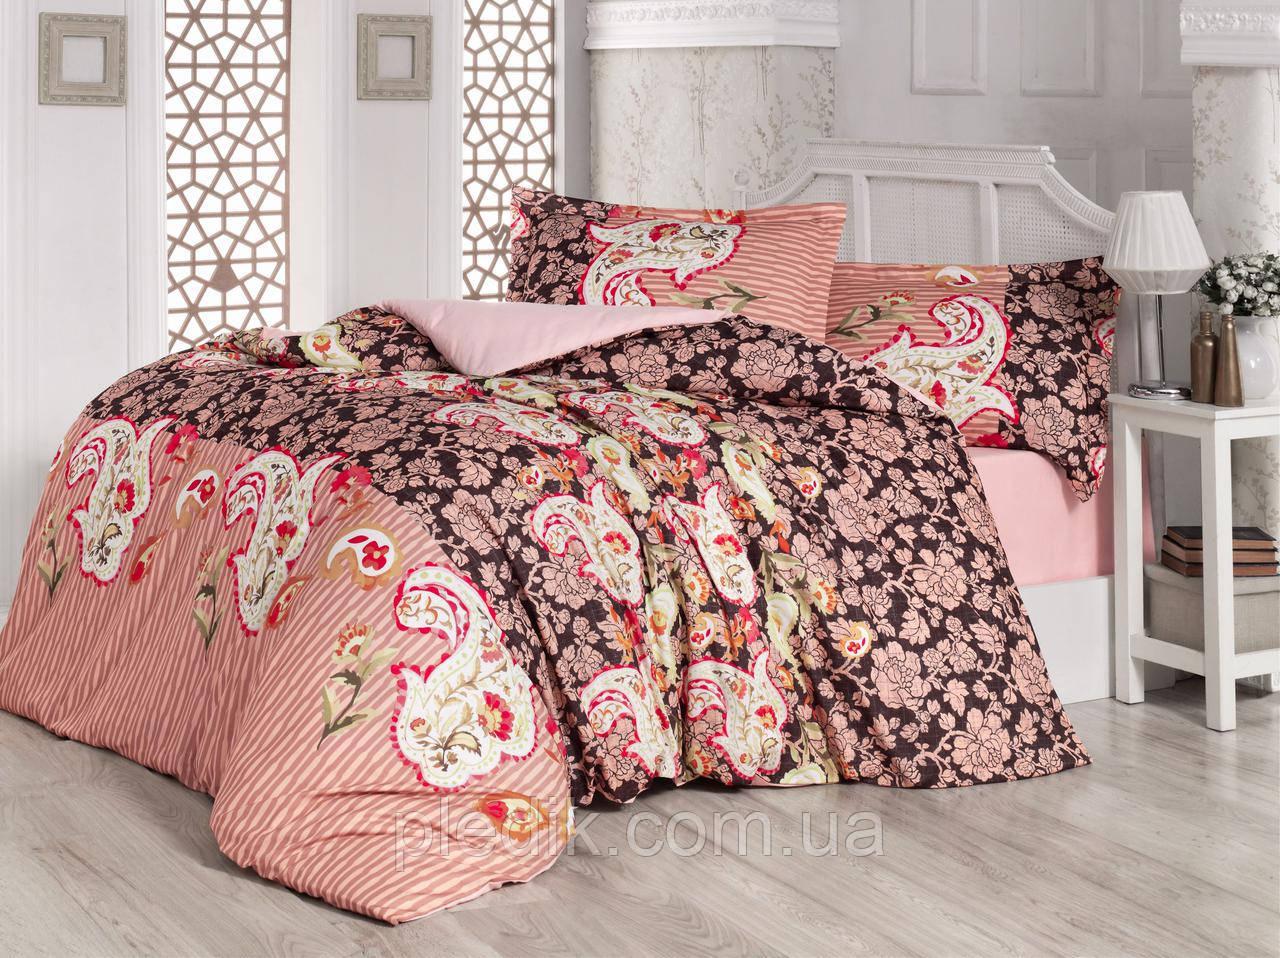 Семейное постельное бельё ранфорс 160х220х2 Gokay Paisley Pudra